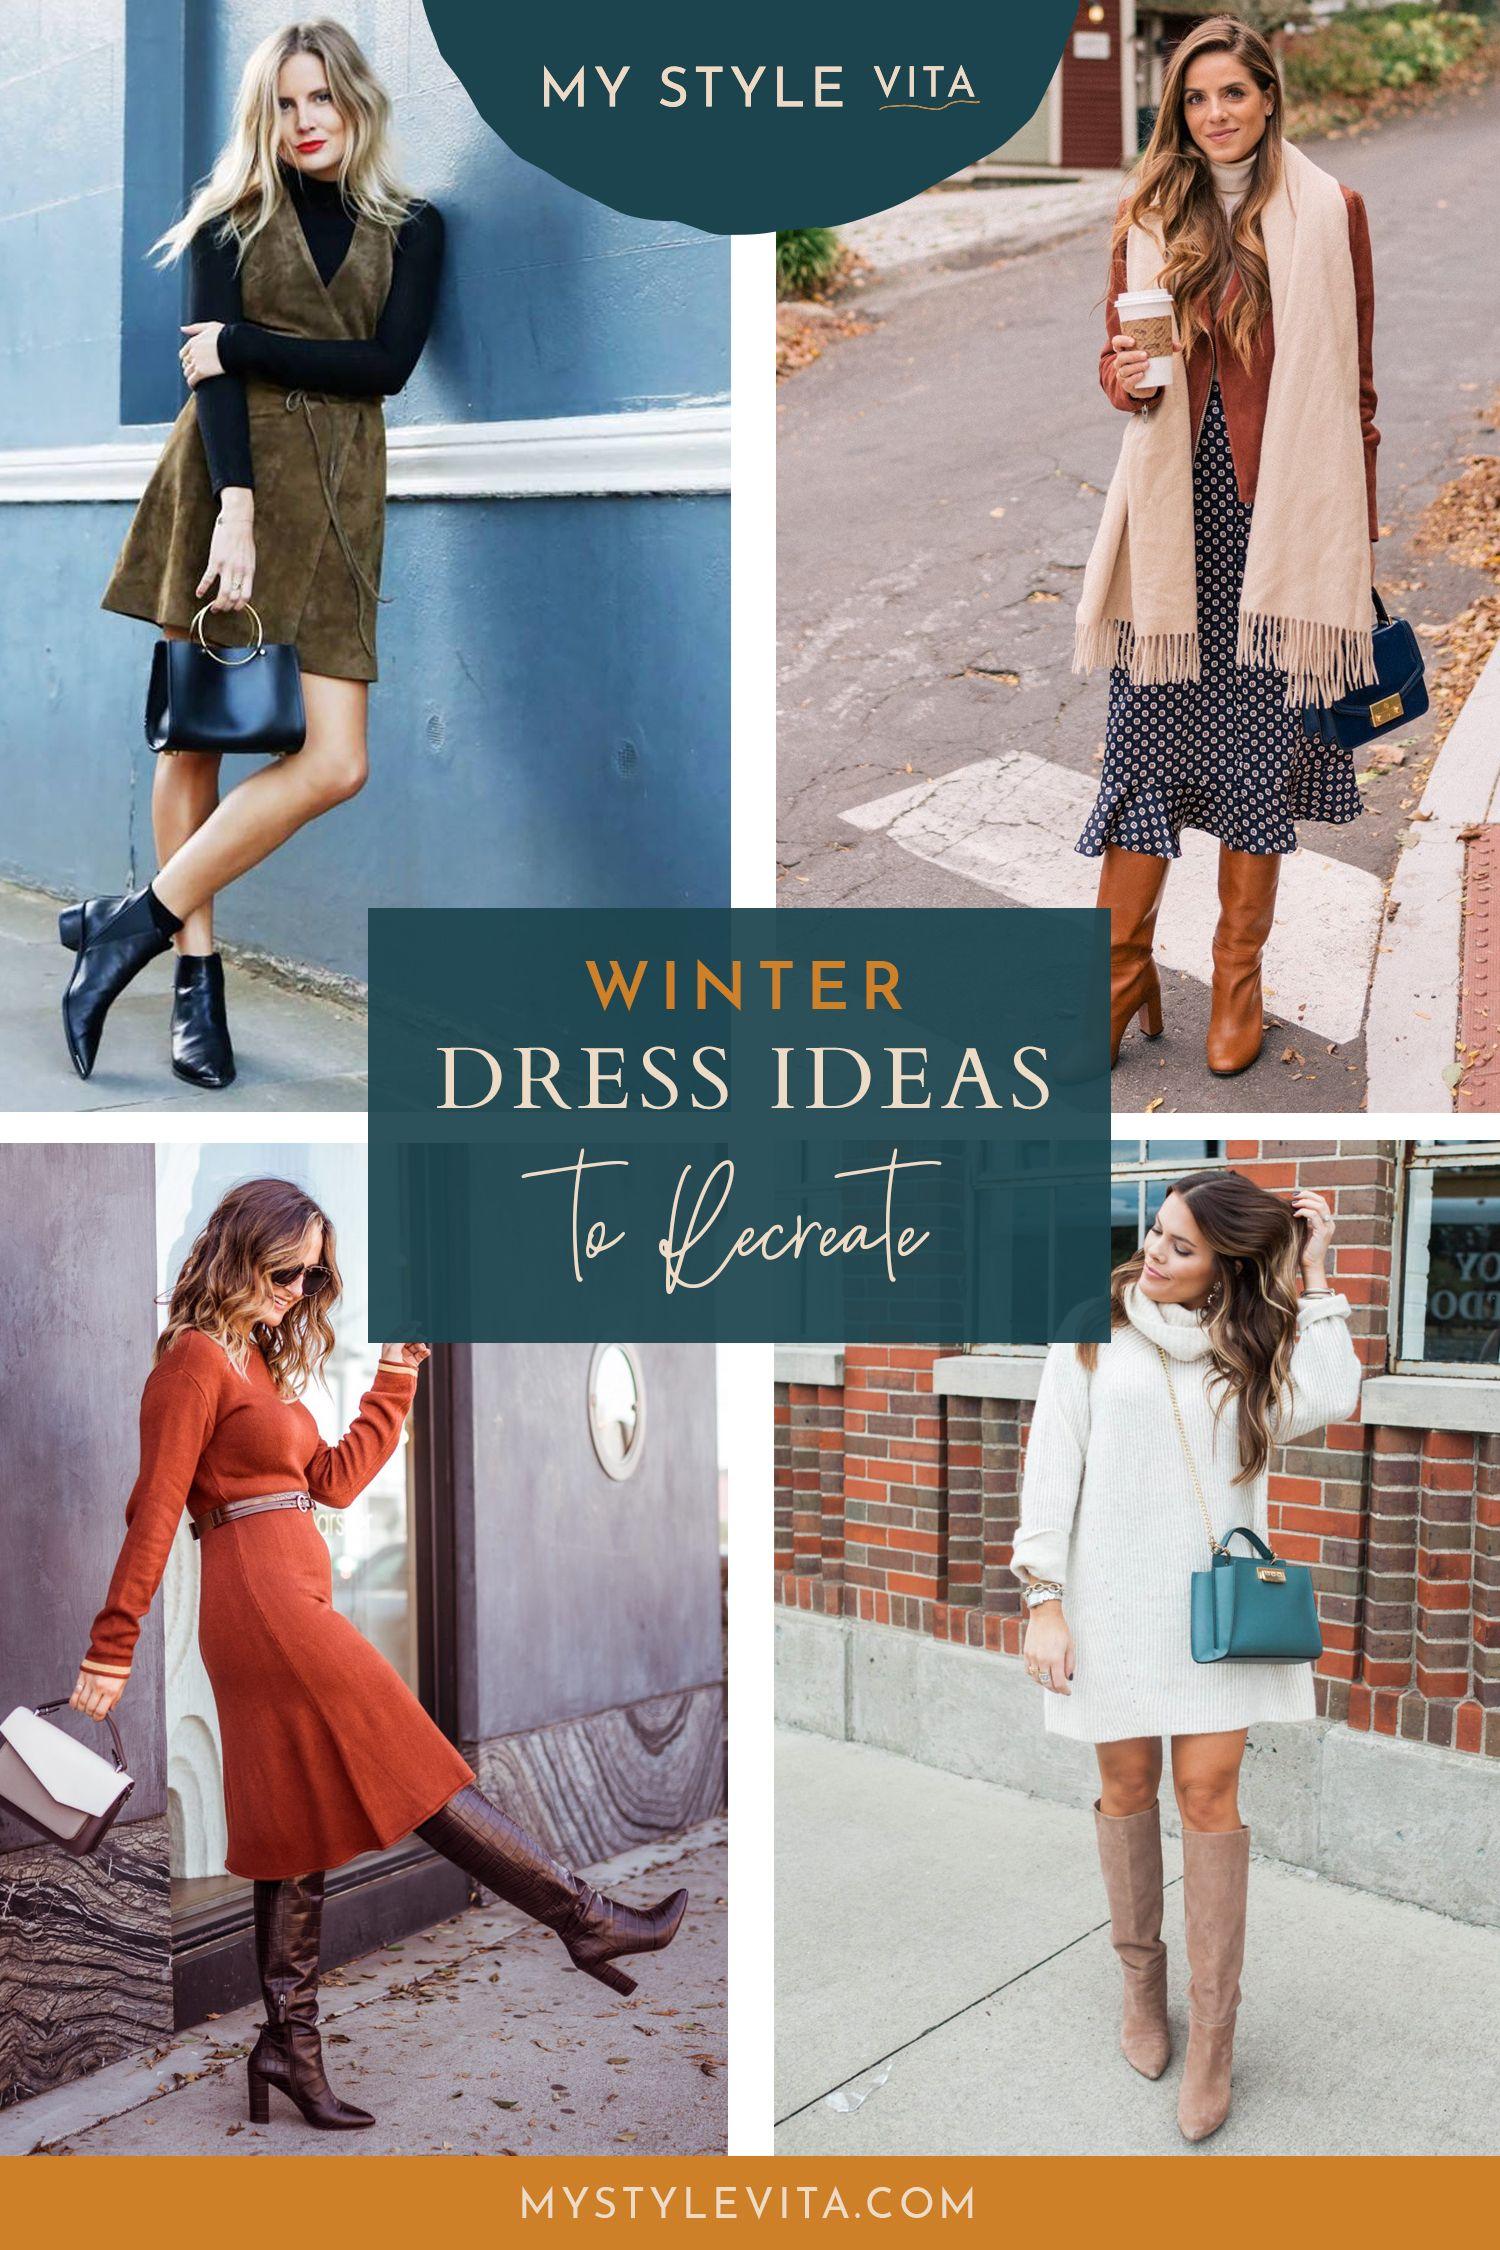 13+ How to wear a dress in winter ideas